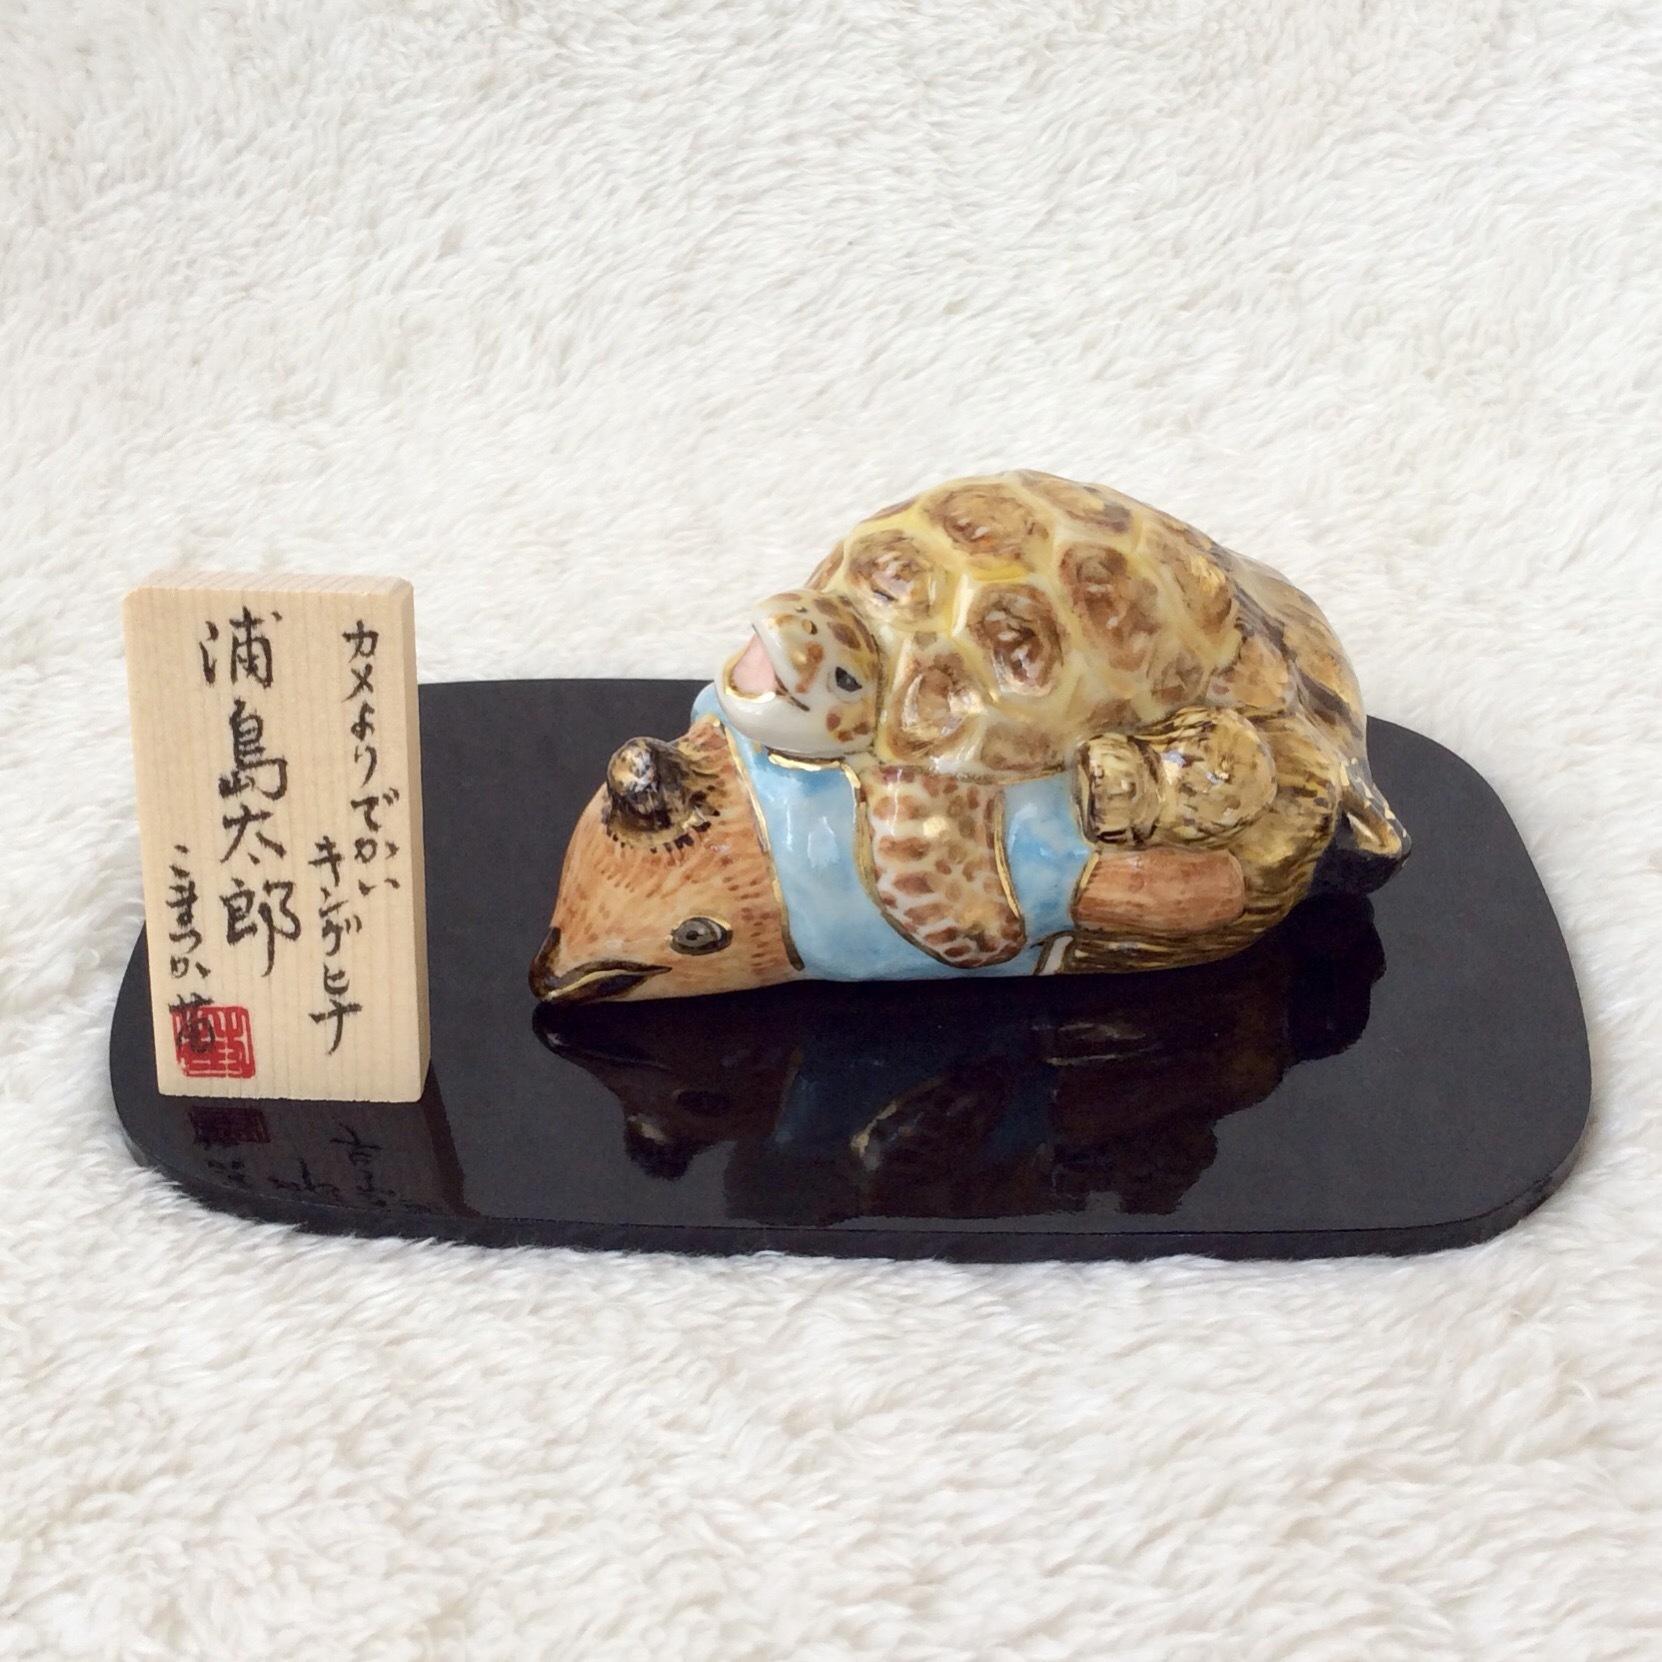 三太郎五月人形、はし置き通販を開始します。_d0123492_08355630.jpeg